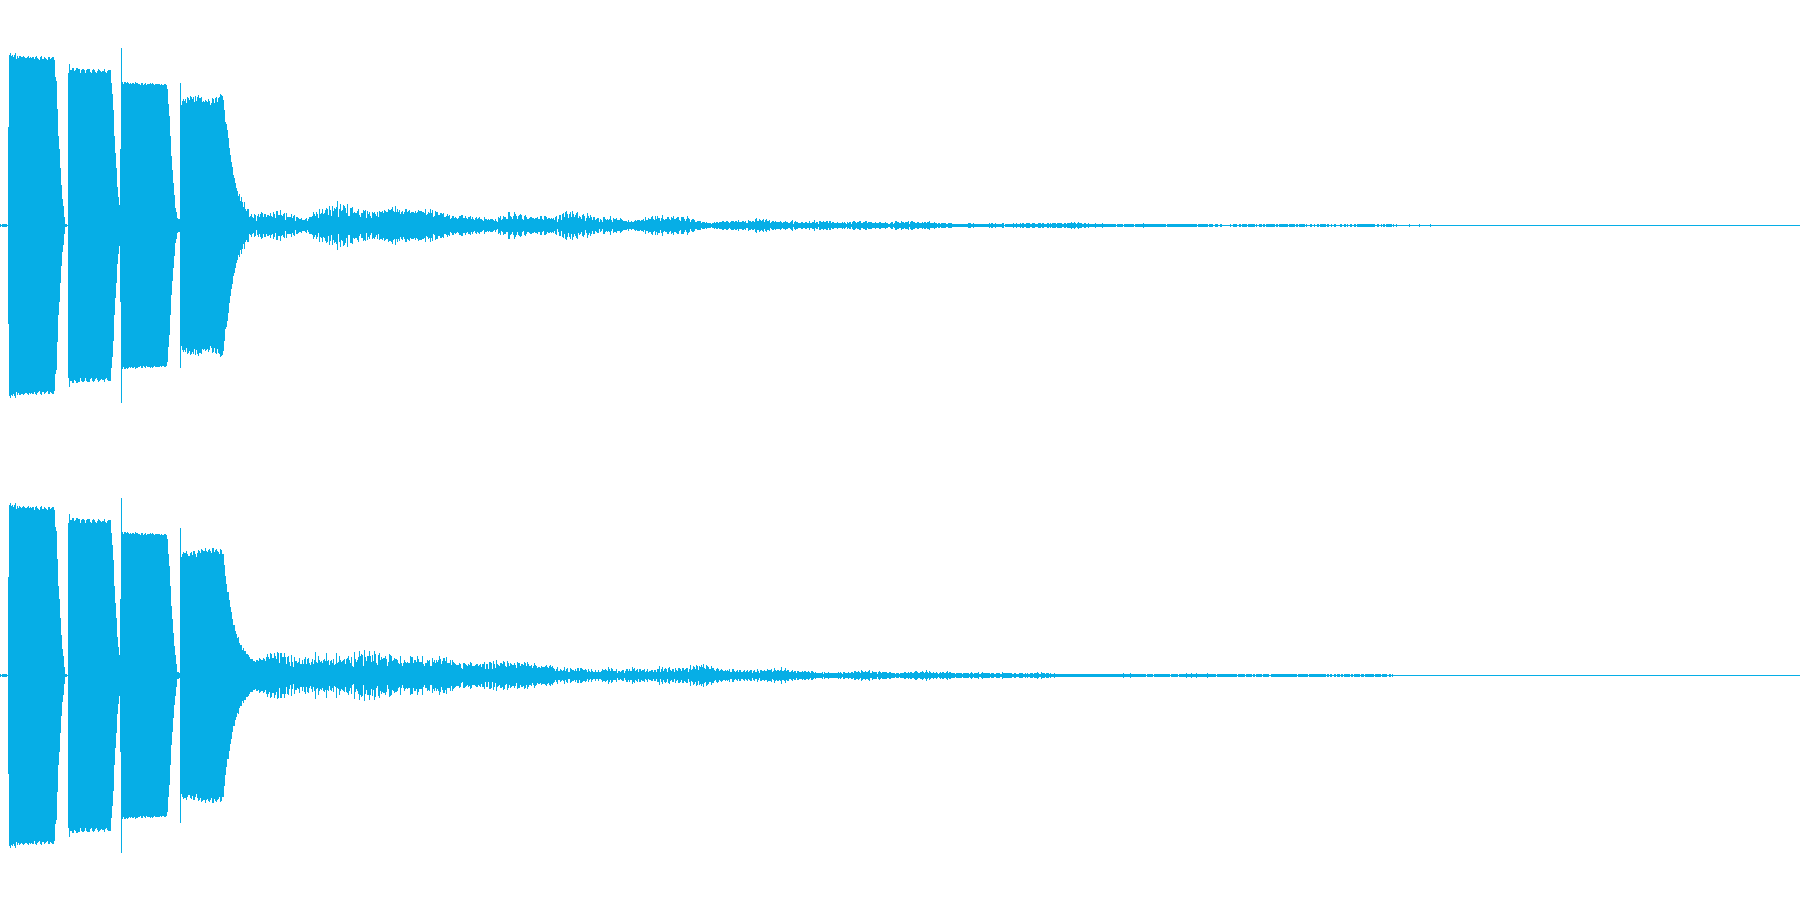 決定音/ボタン/システム/シンプル E3の再生済みの波形